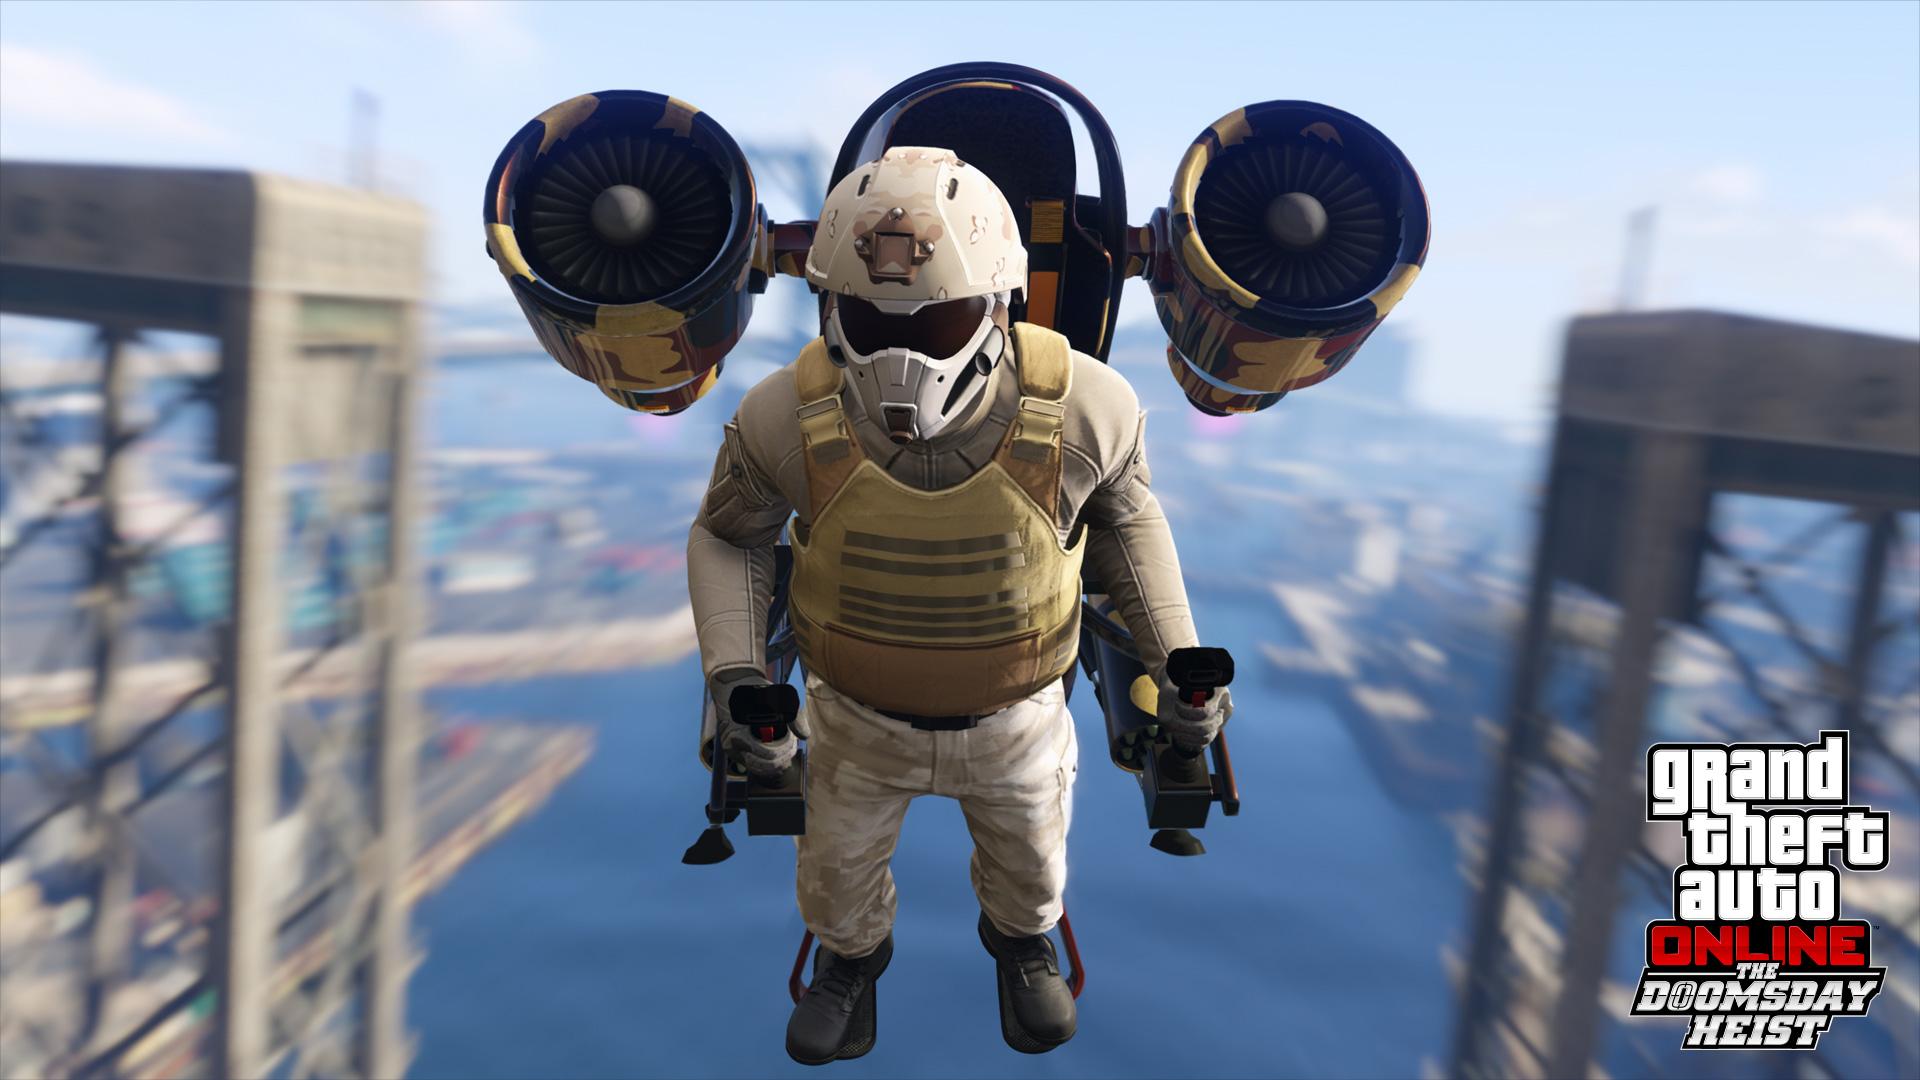 GTA Online The Doomsday Heist Update